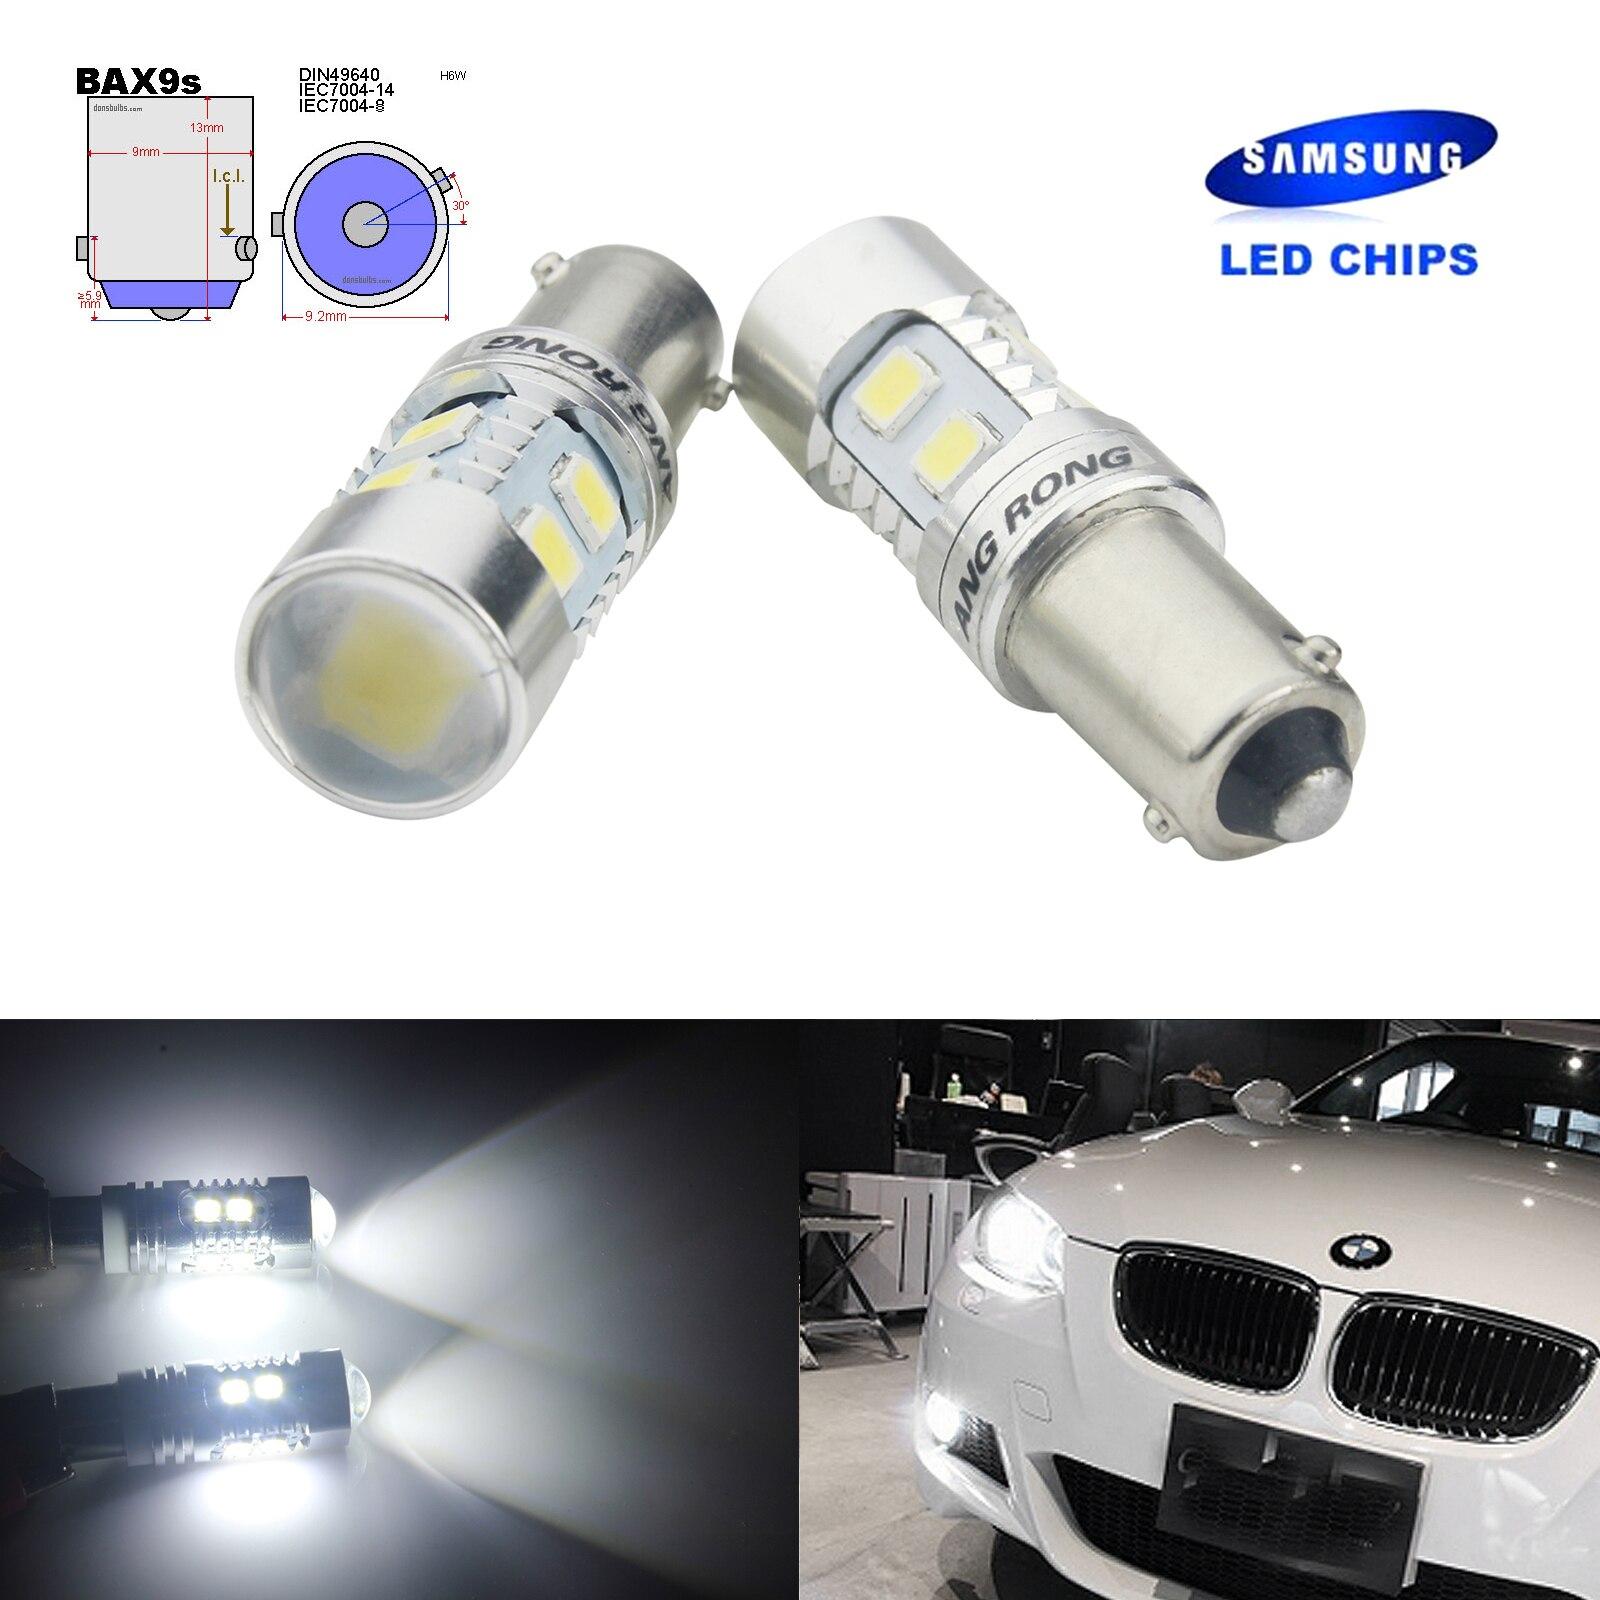 ANGRONG 2x Error Free H6W BAX9s LED Bulb SAMSUNG LED Car Light 10W Sidelight Parking Daytime Running Light White 12V